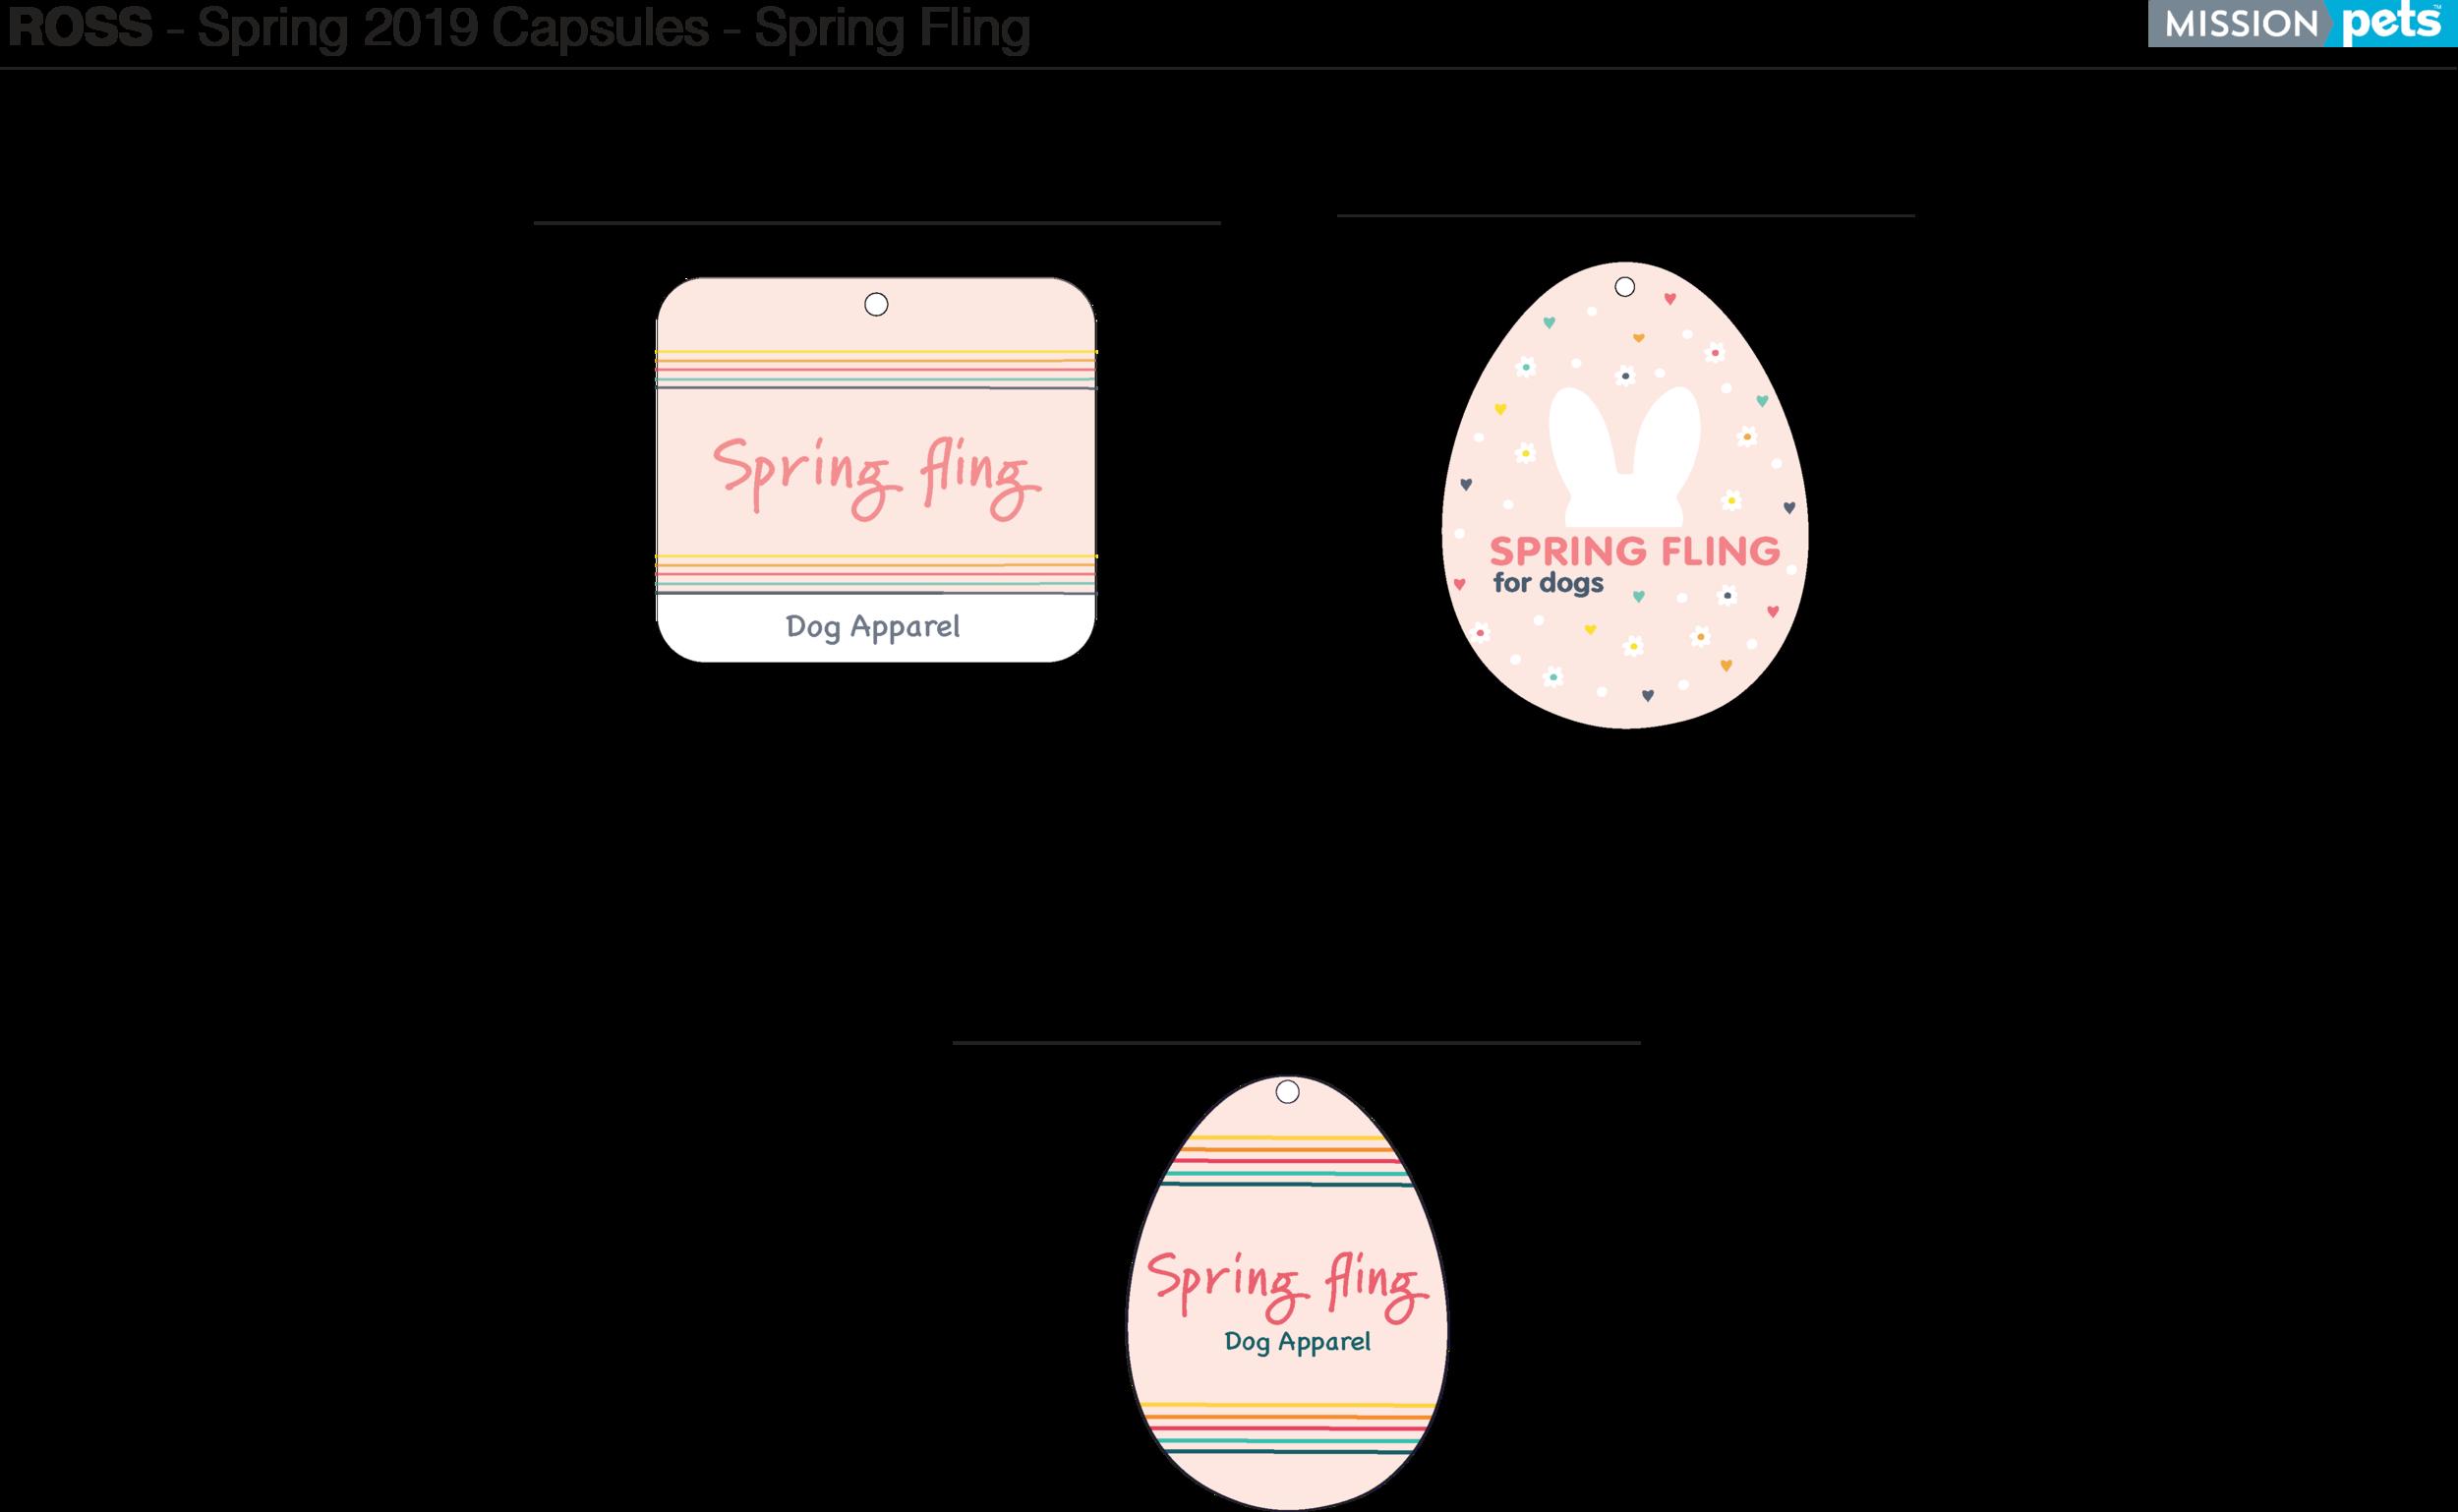 RS-191-SpringFling-Capsule-Packaging-Designs_v01.png